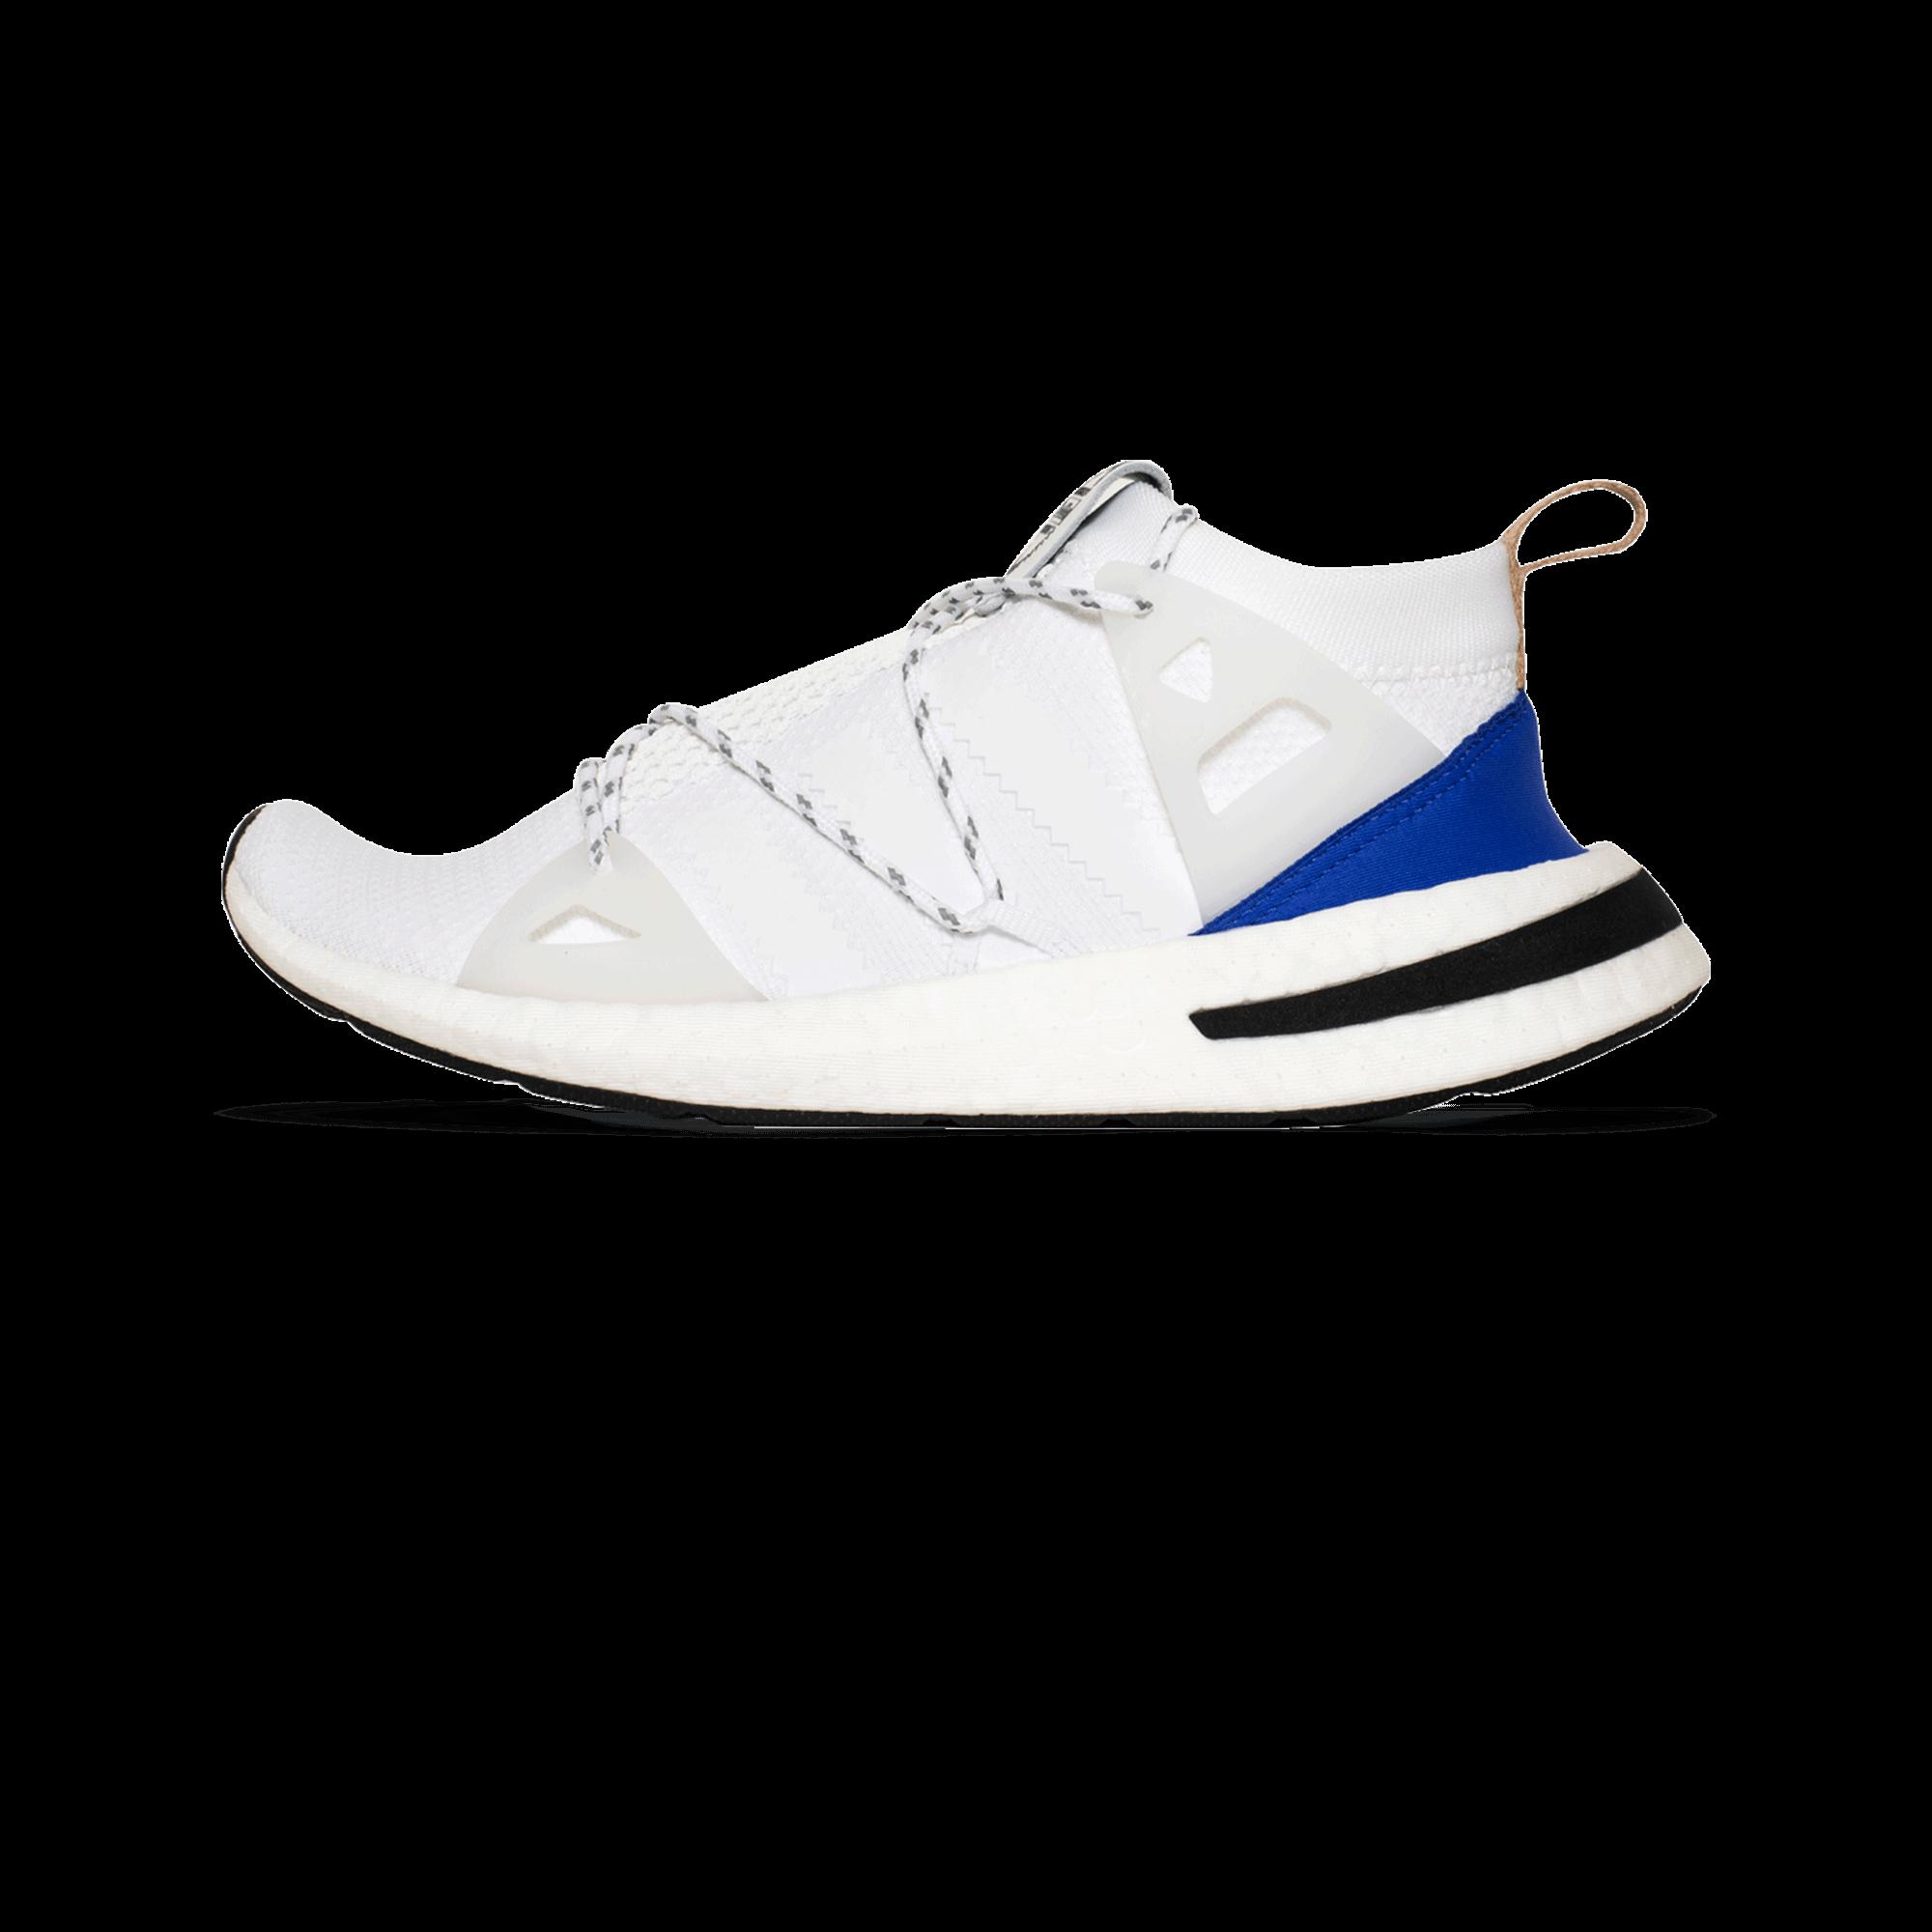 adidas Bleu Arkyn W Blanc Bleu adidas Woman 9fdaea